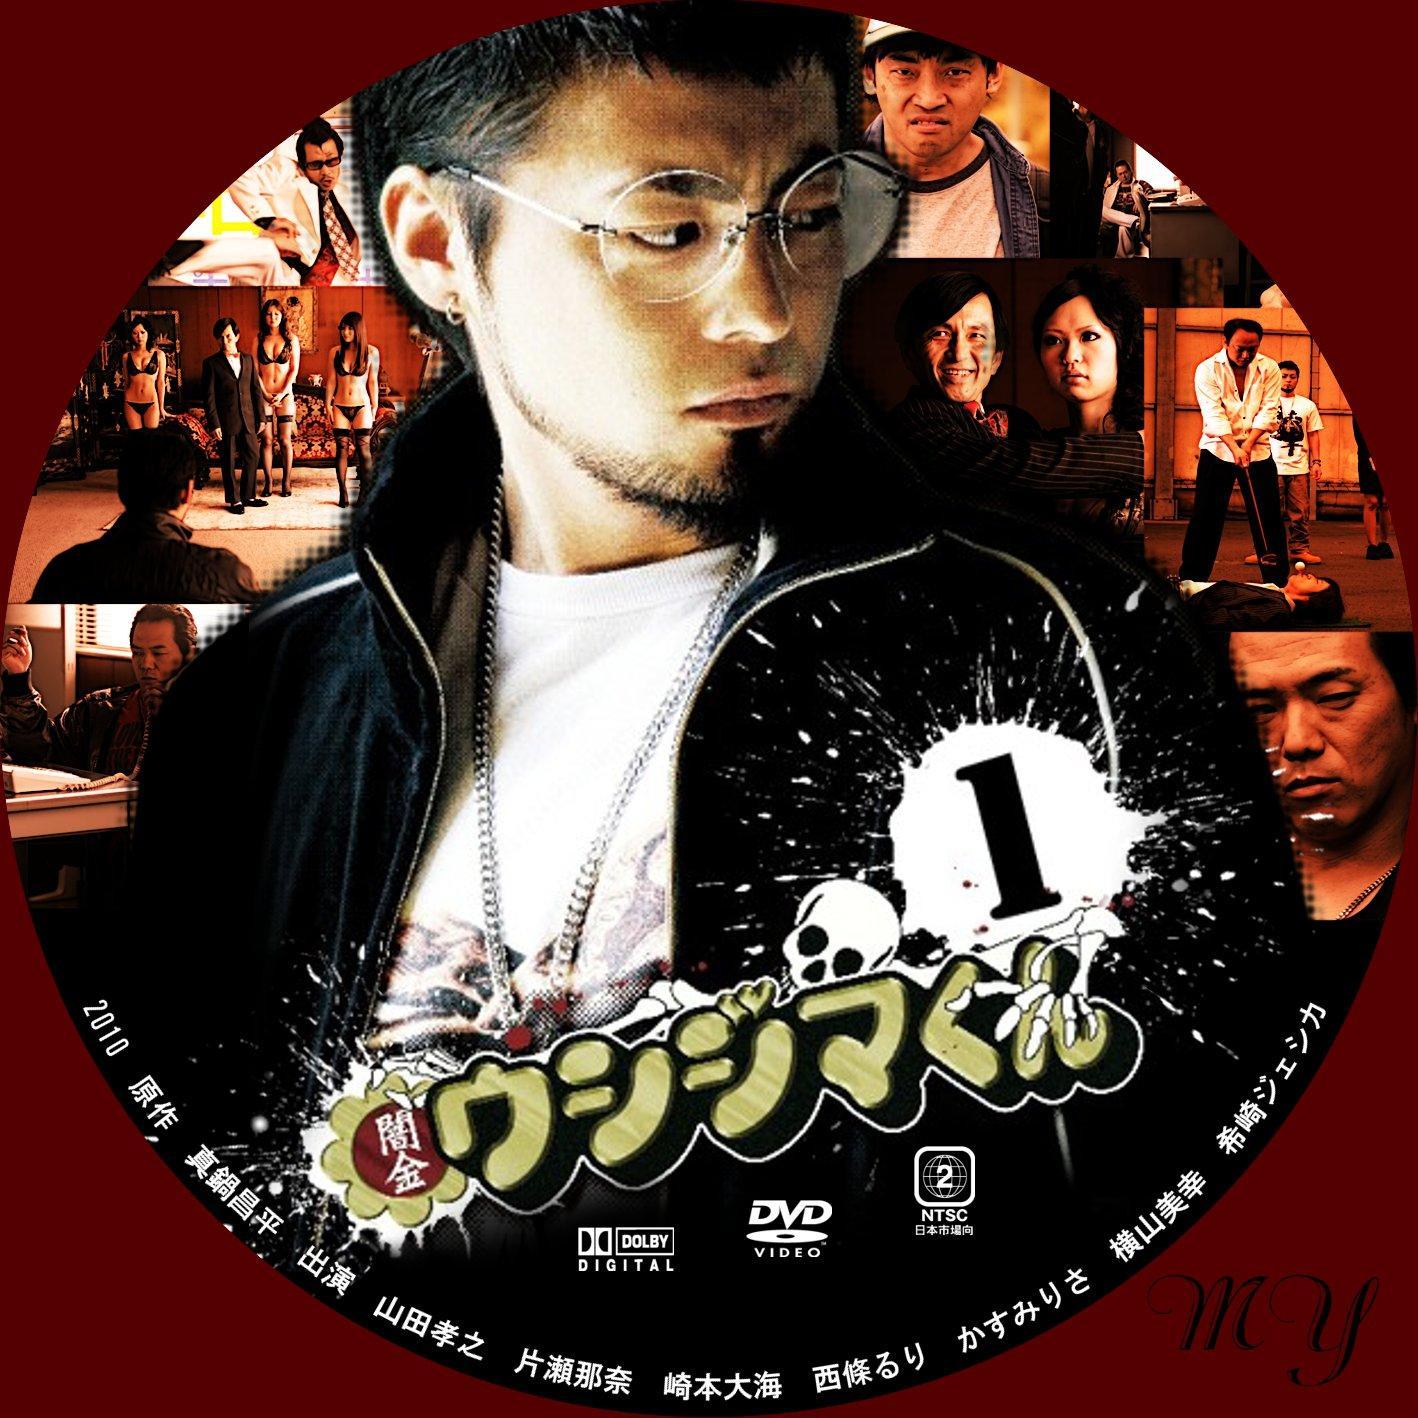 闇金 ウシジマくん | MY DVD らべるこれくしょん